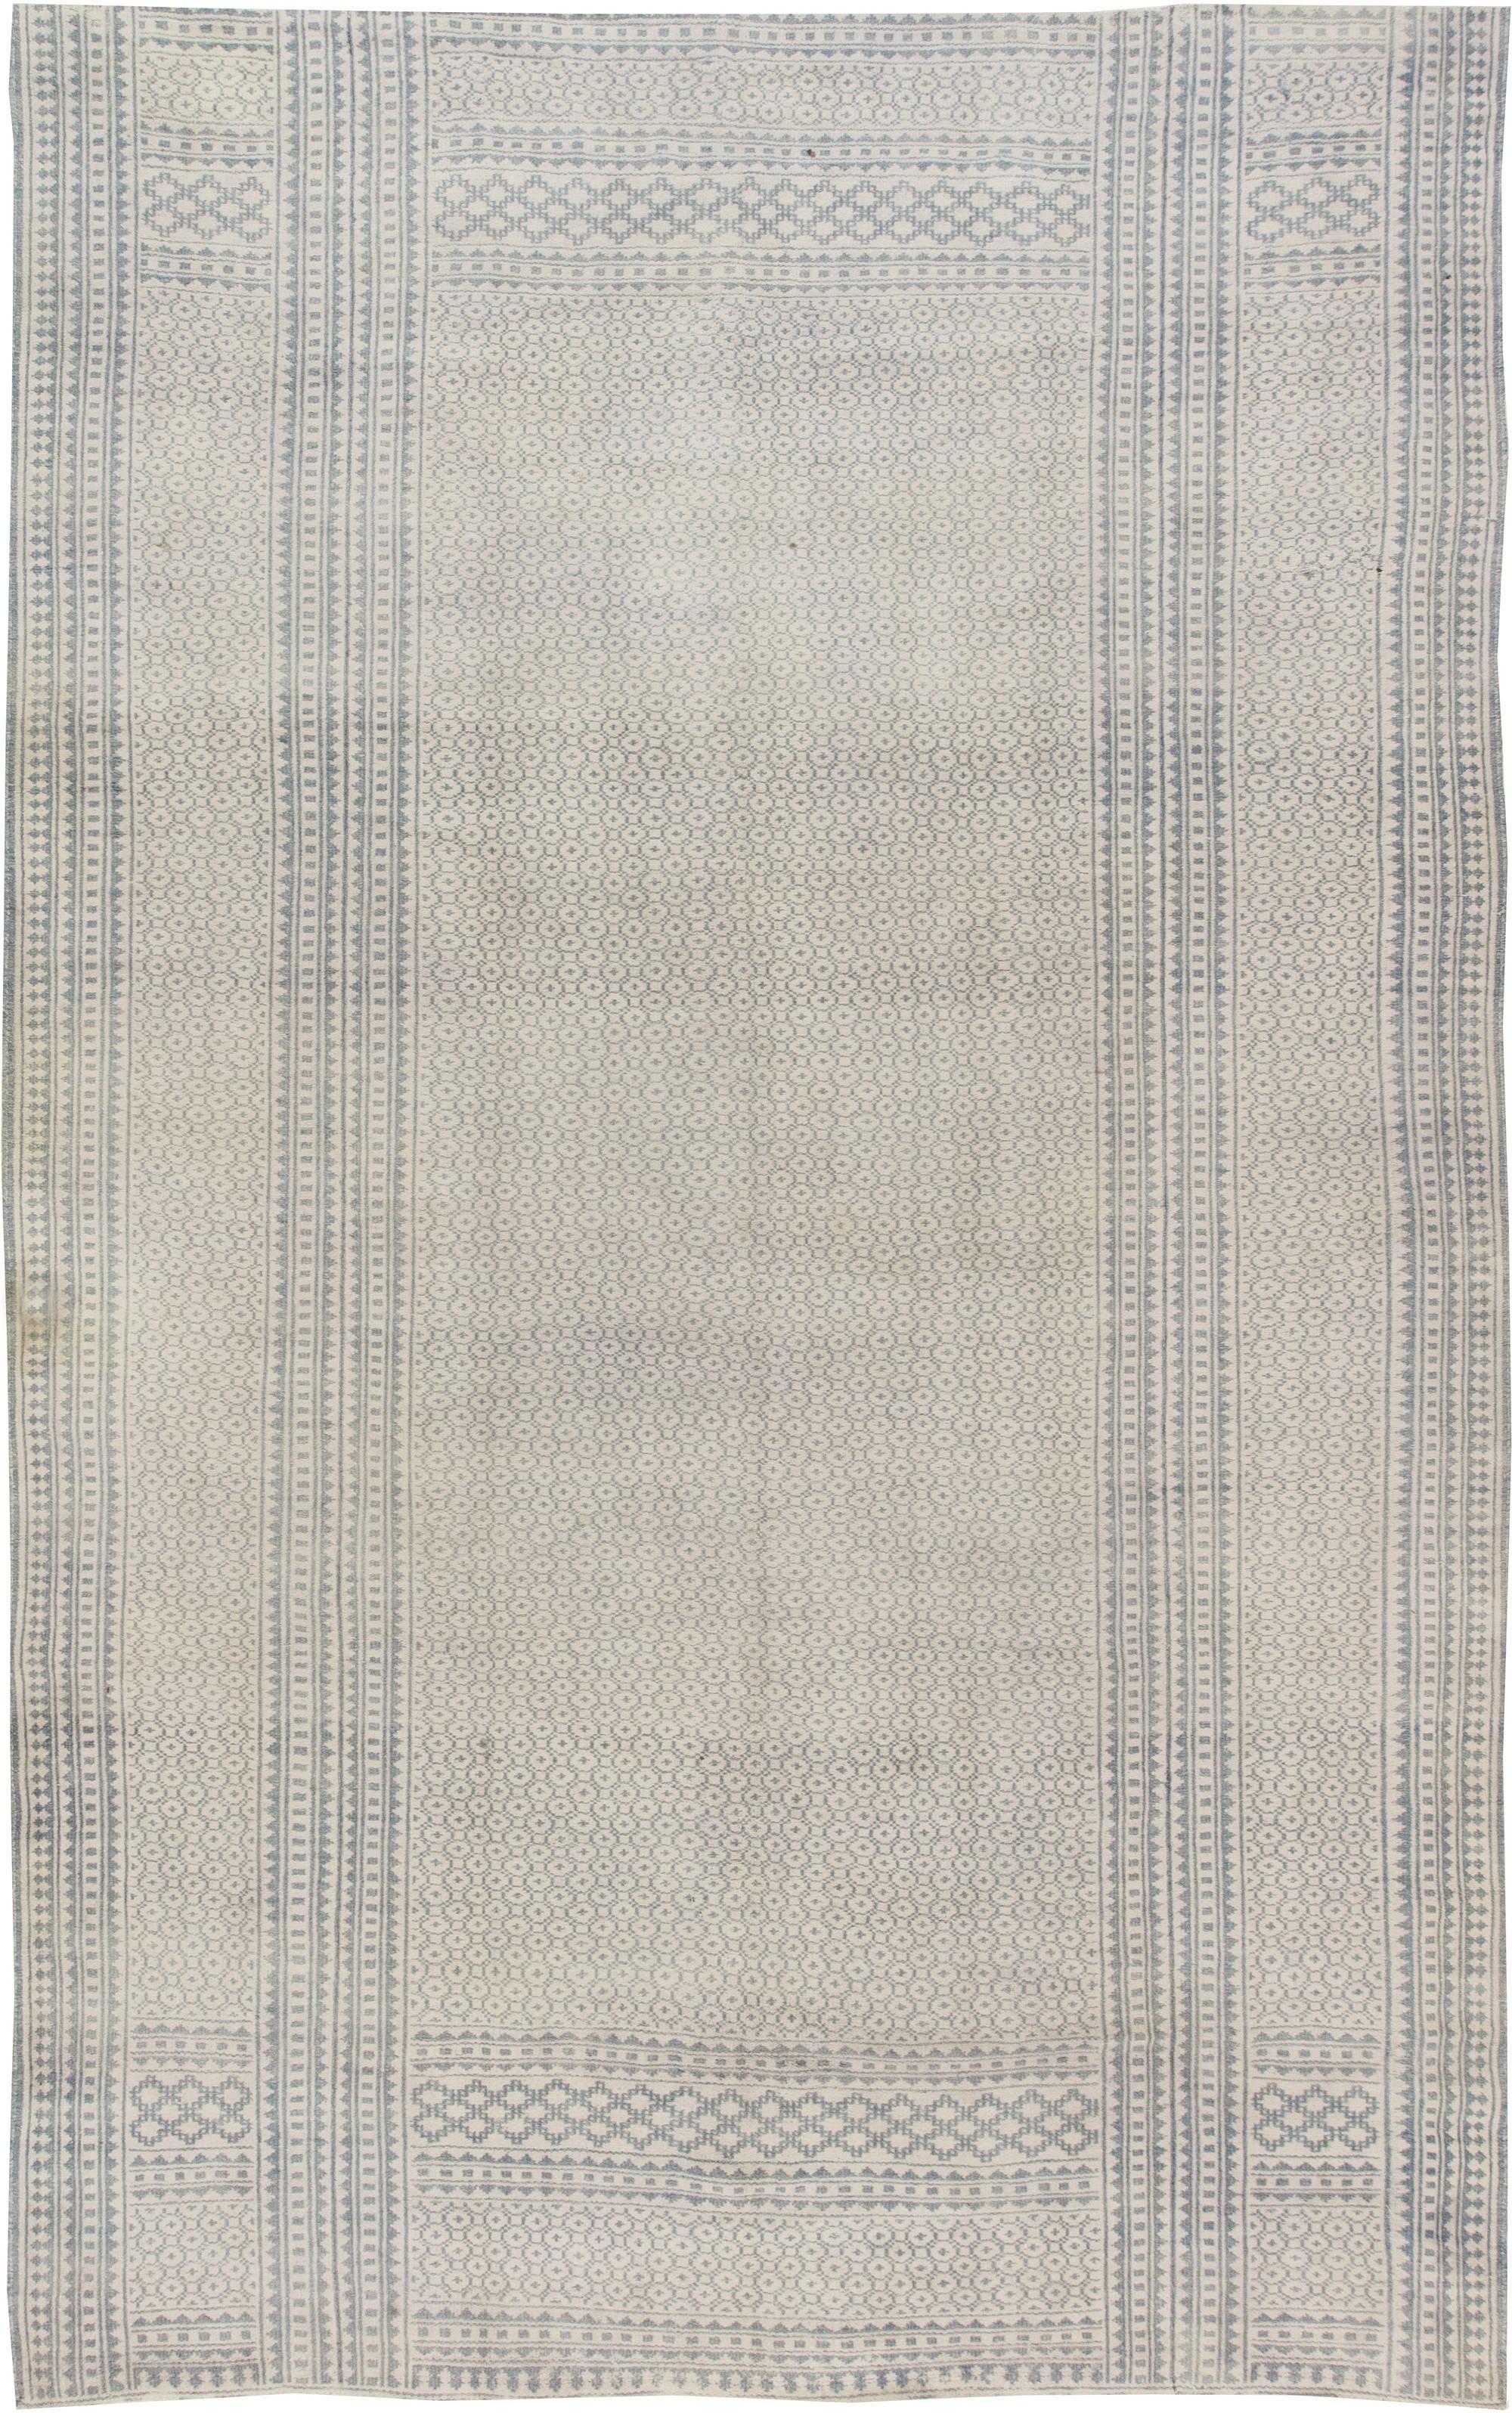 Antique Indian Cotton Flat weave  Carpet BB6386